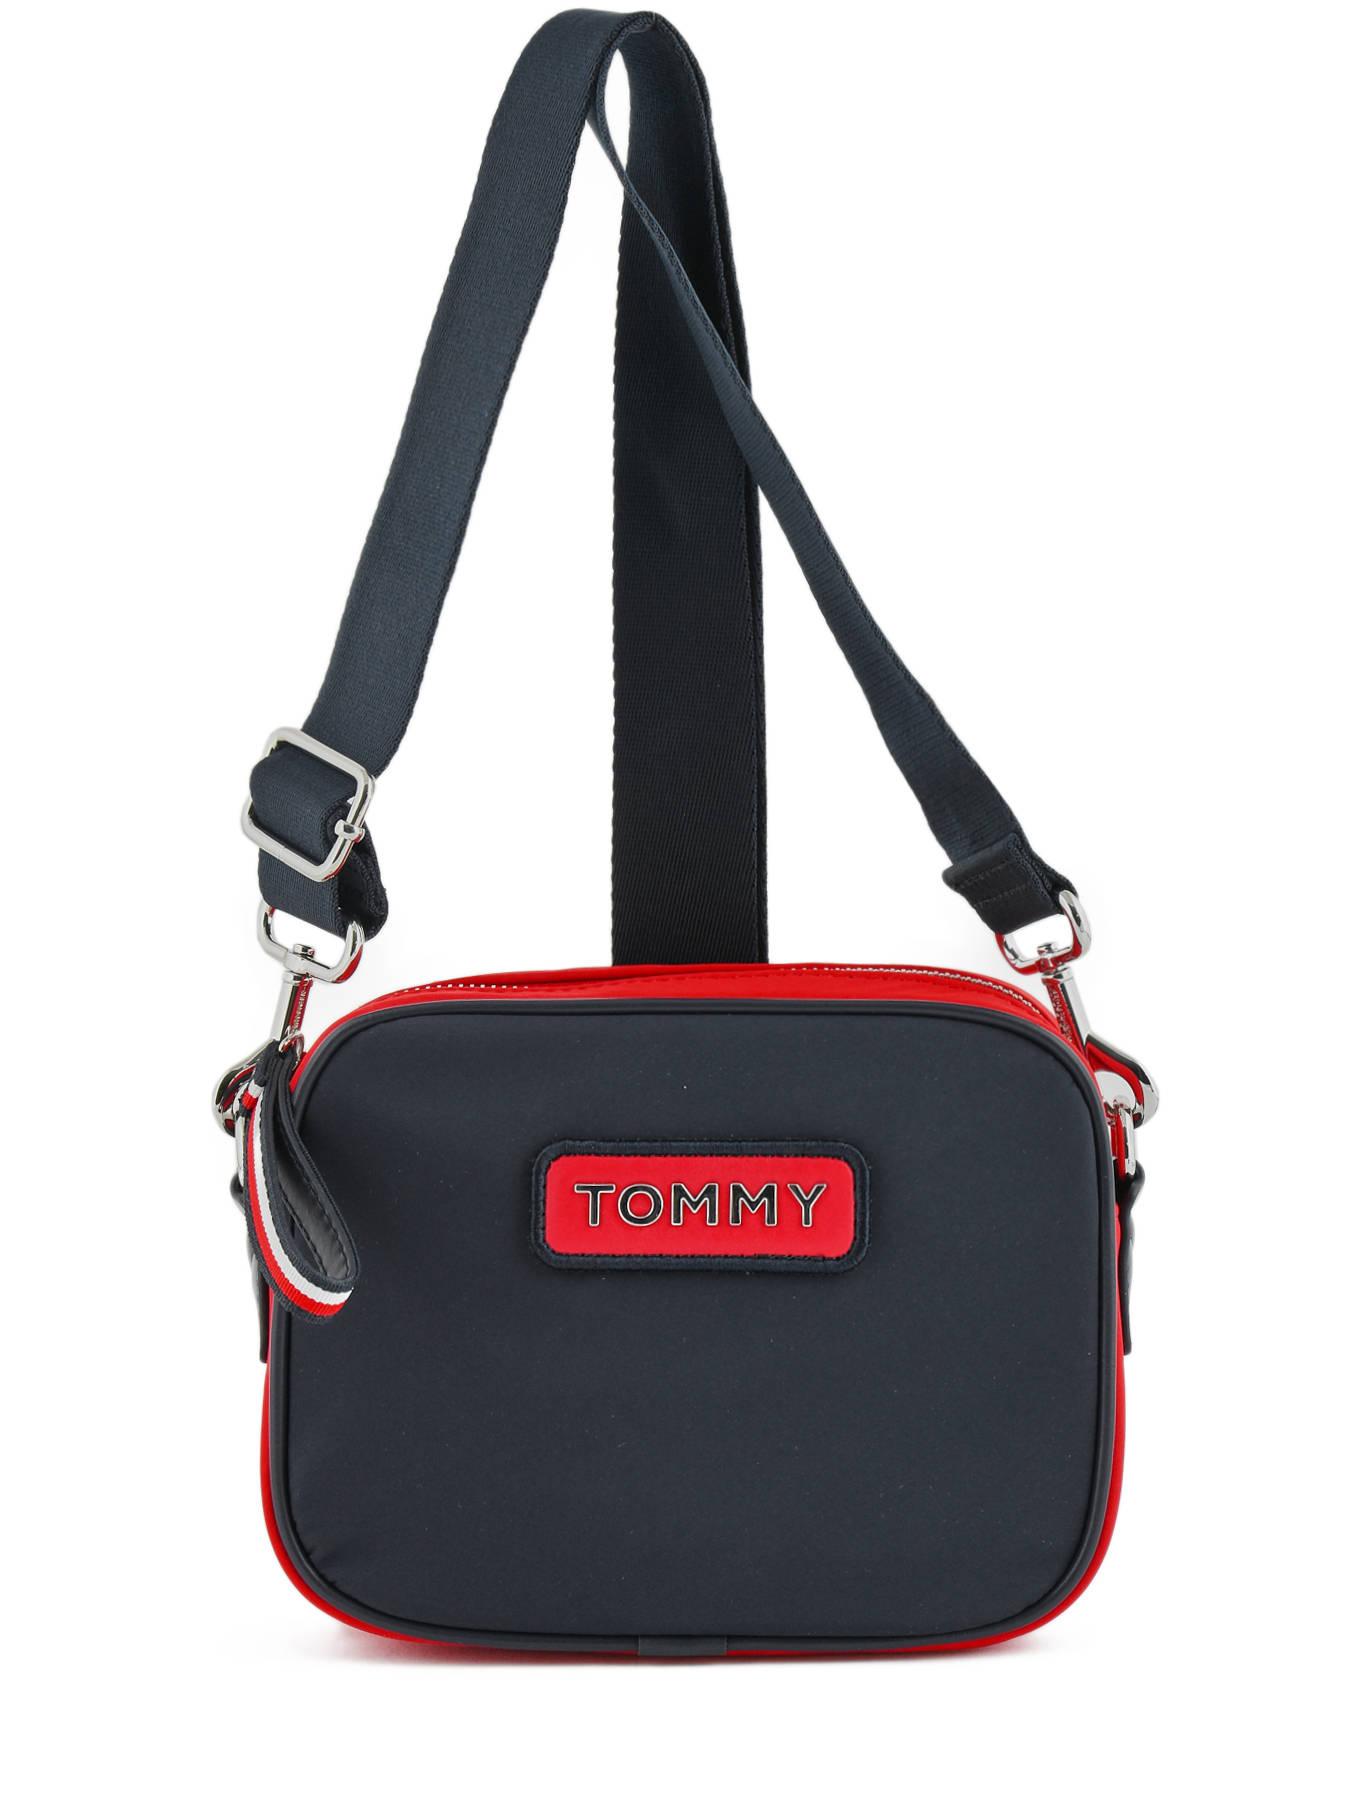 33efec396c8 ... Varsity Nylon Crossbody Bag Tommy hilfiger Black varsity nylon AW06296  ...